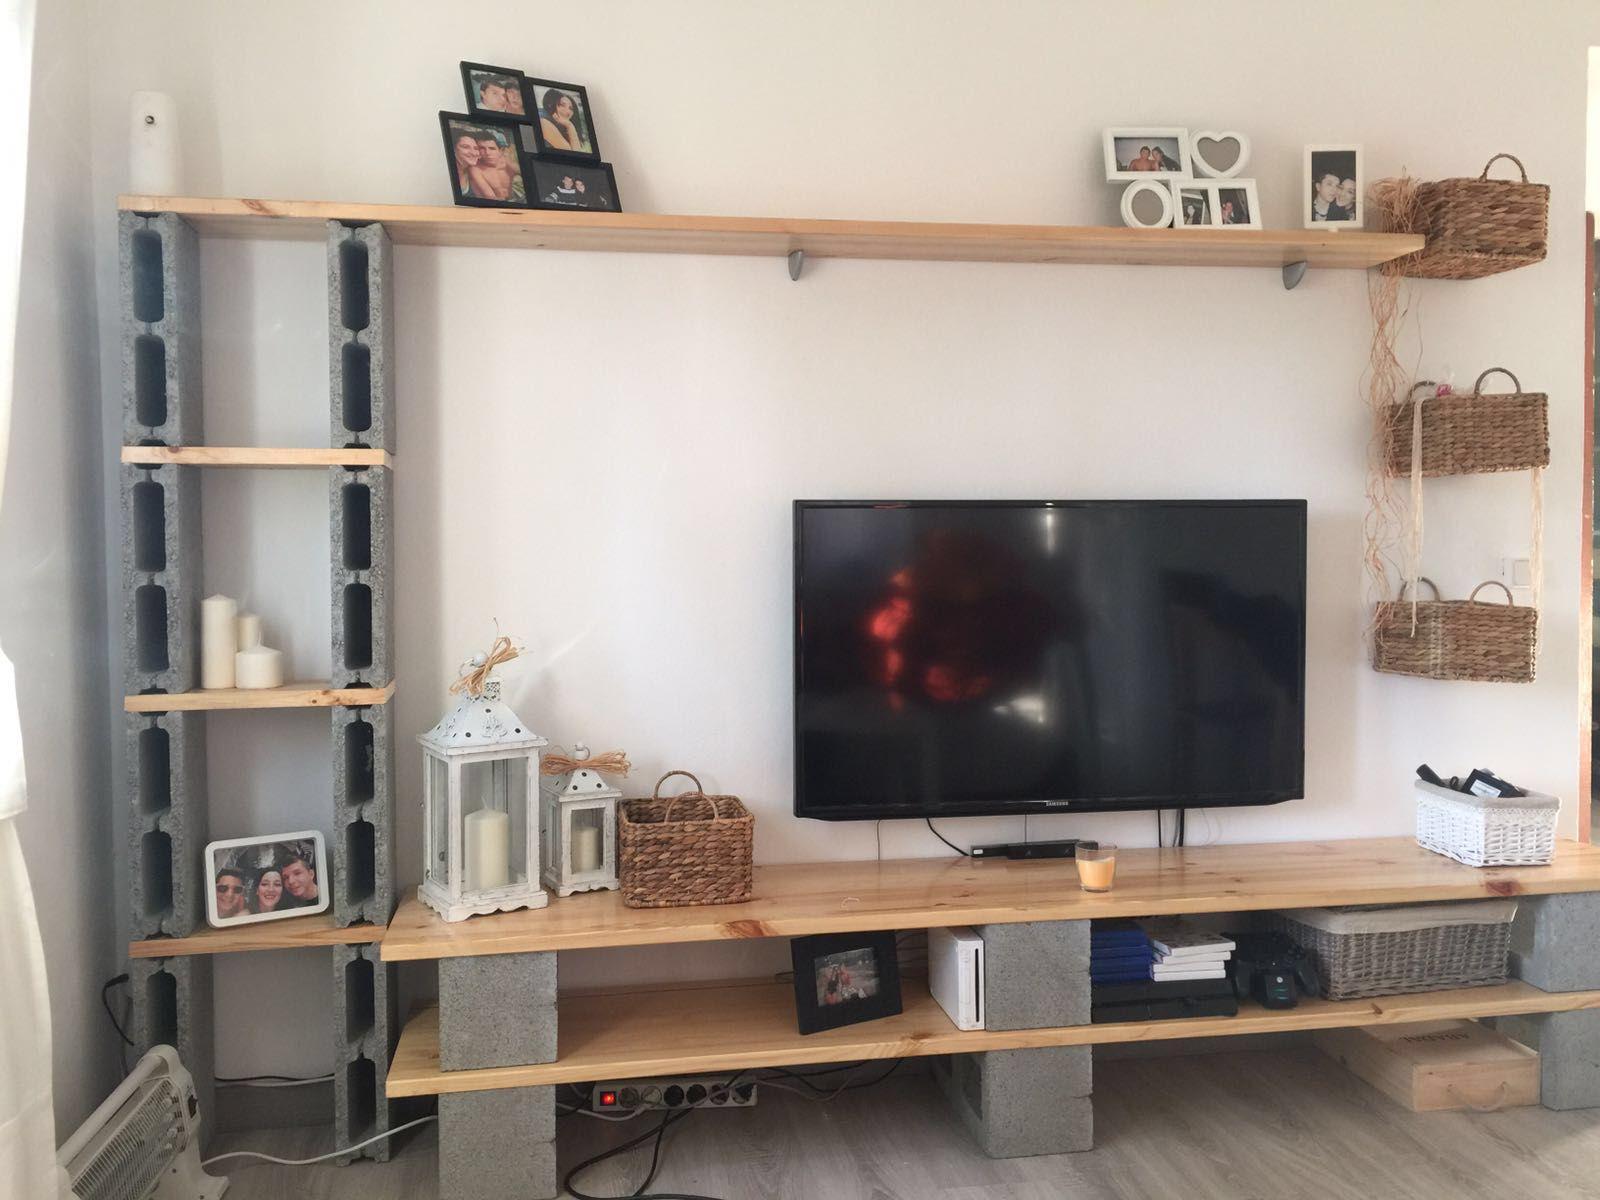 mueble con bloques de hormigon ideas con bloques pinterest meubles parpaing et meuble tv. Black Bedroom Furniture Sets. Home Design Ideas